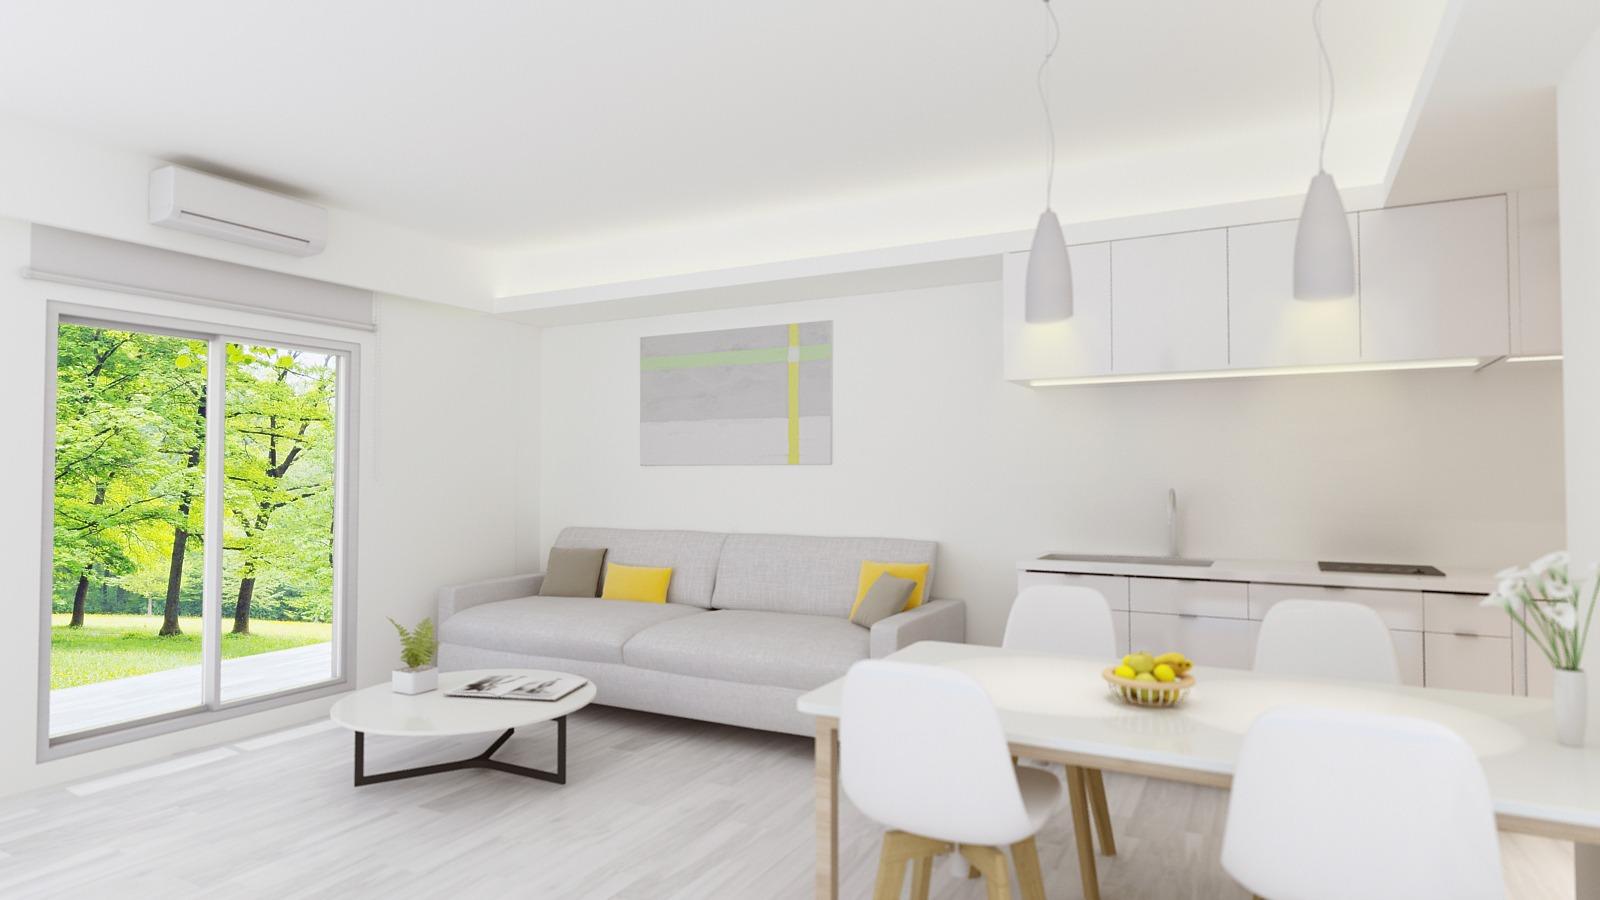 宜蘭德築建設,築米美學智慧宅開放式廚房設計